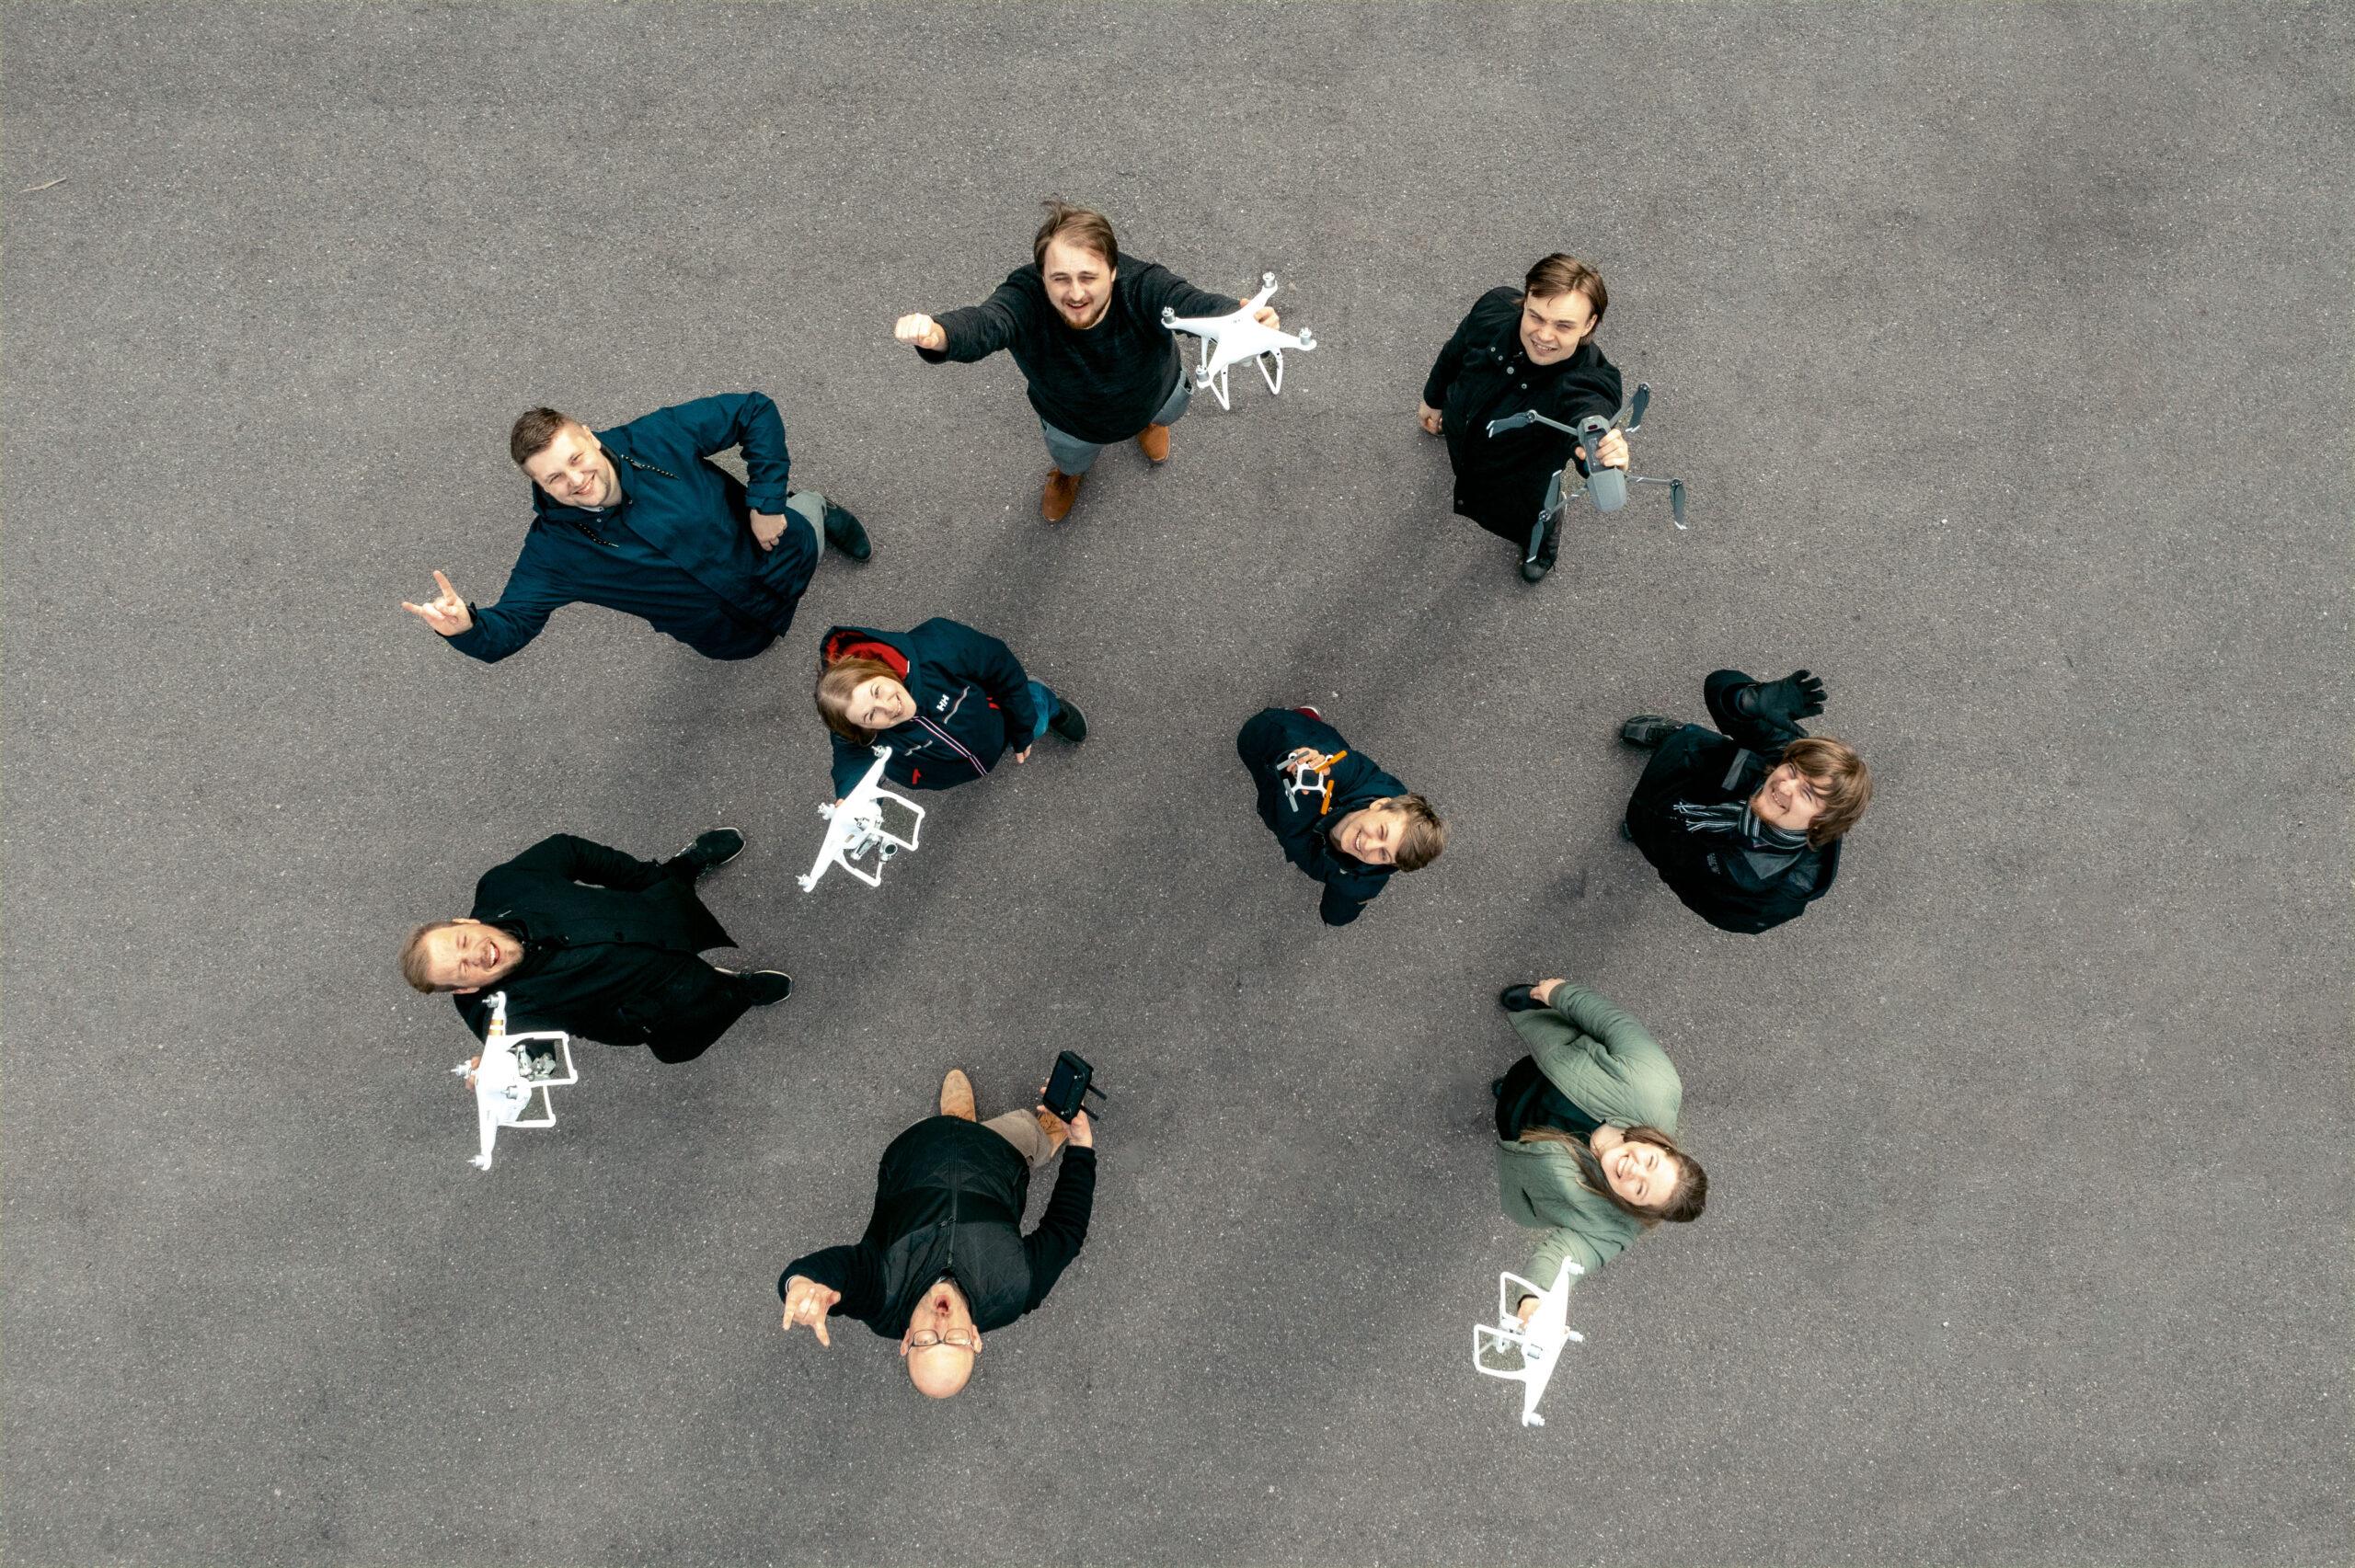 Tværfagligt team gør virksomheden Plan2Fly klar til take off